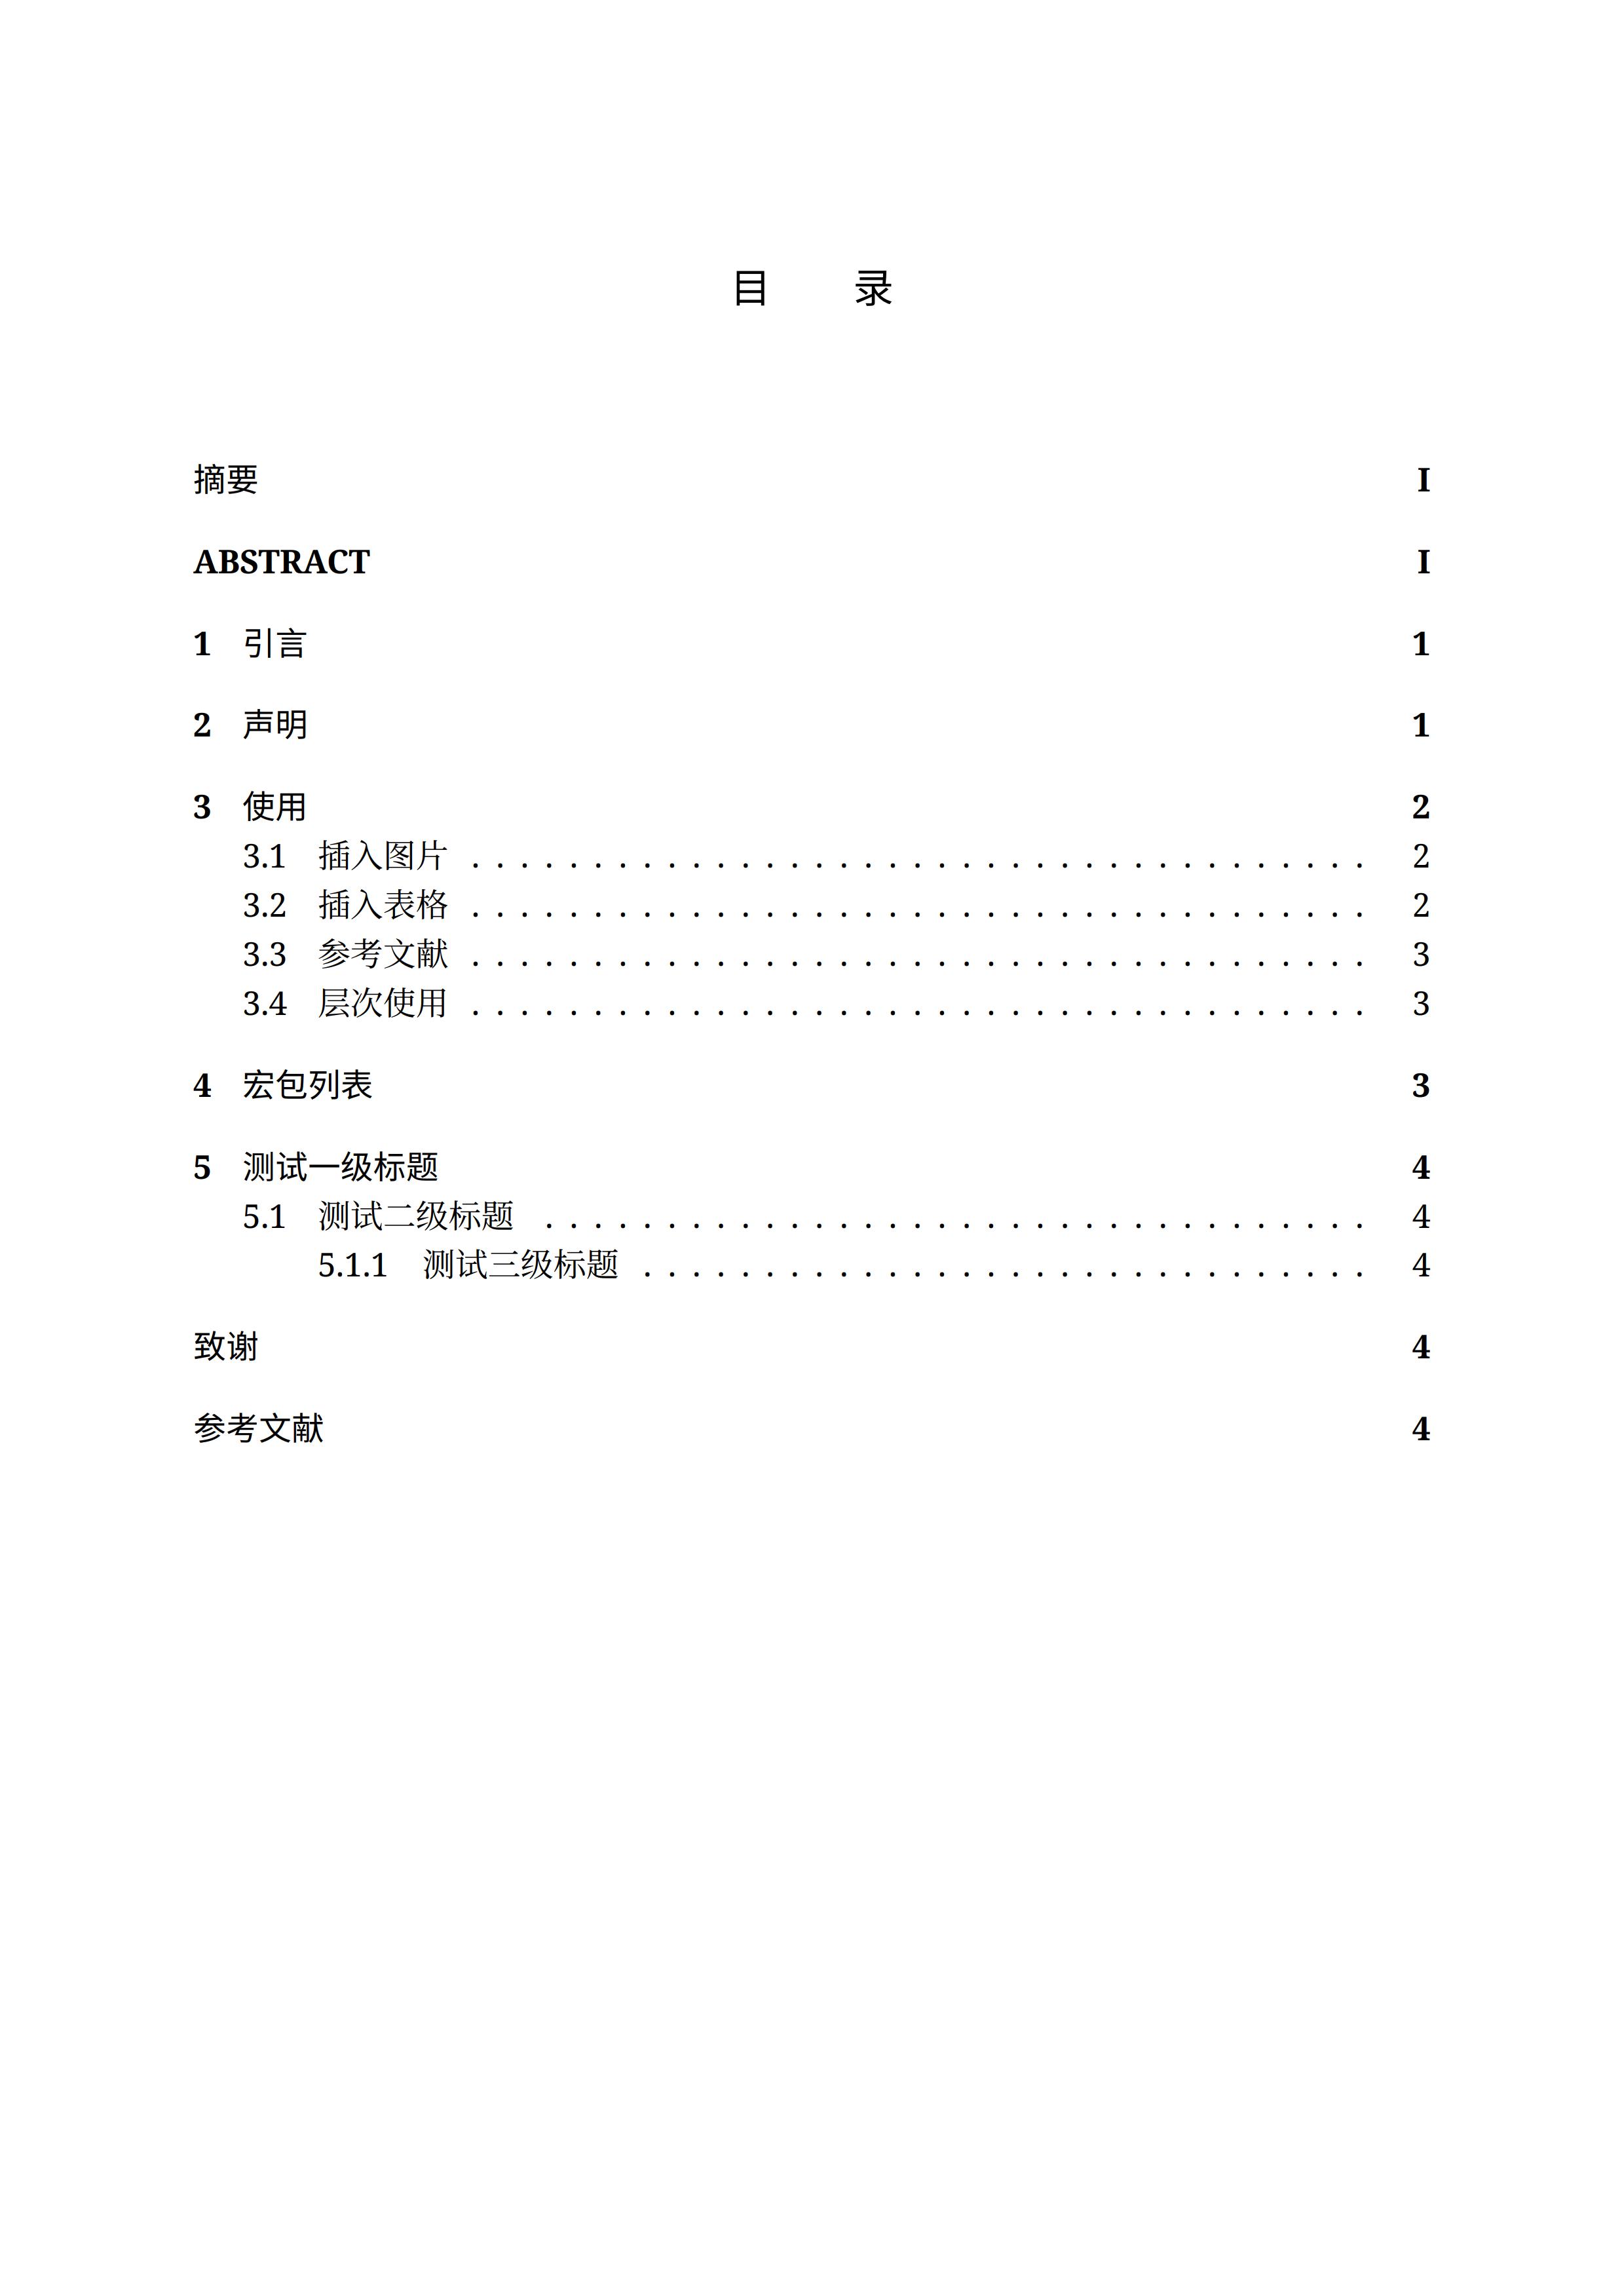 中国农业大学课程论文模板